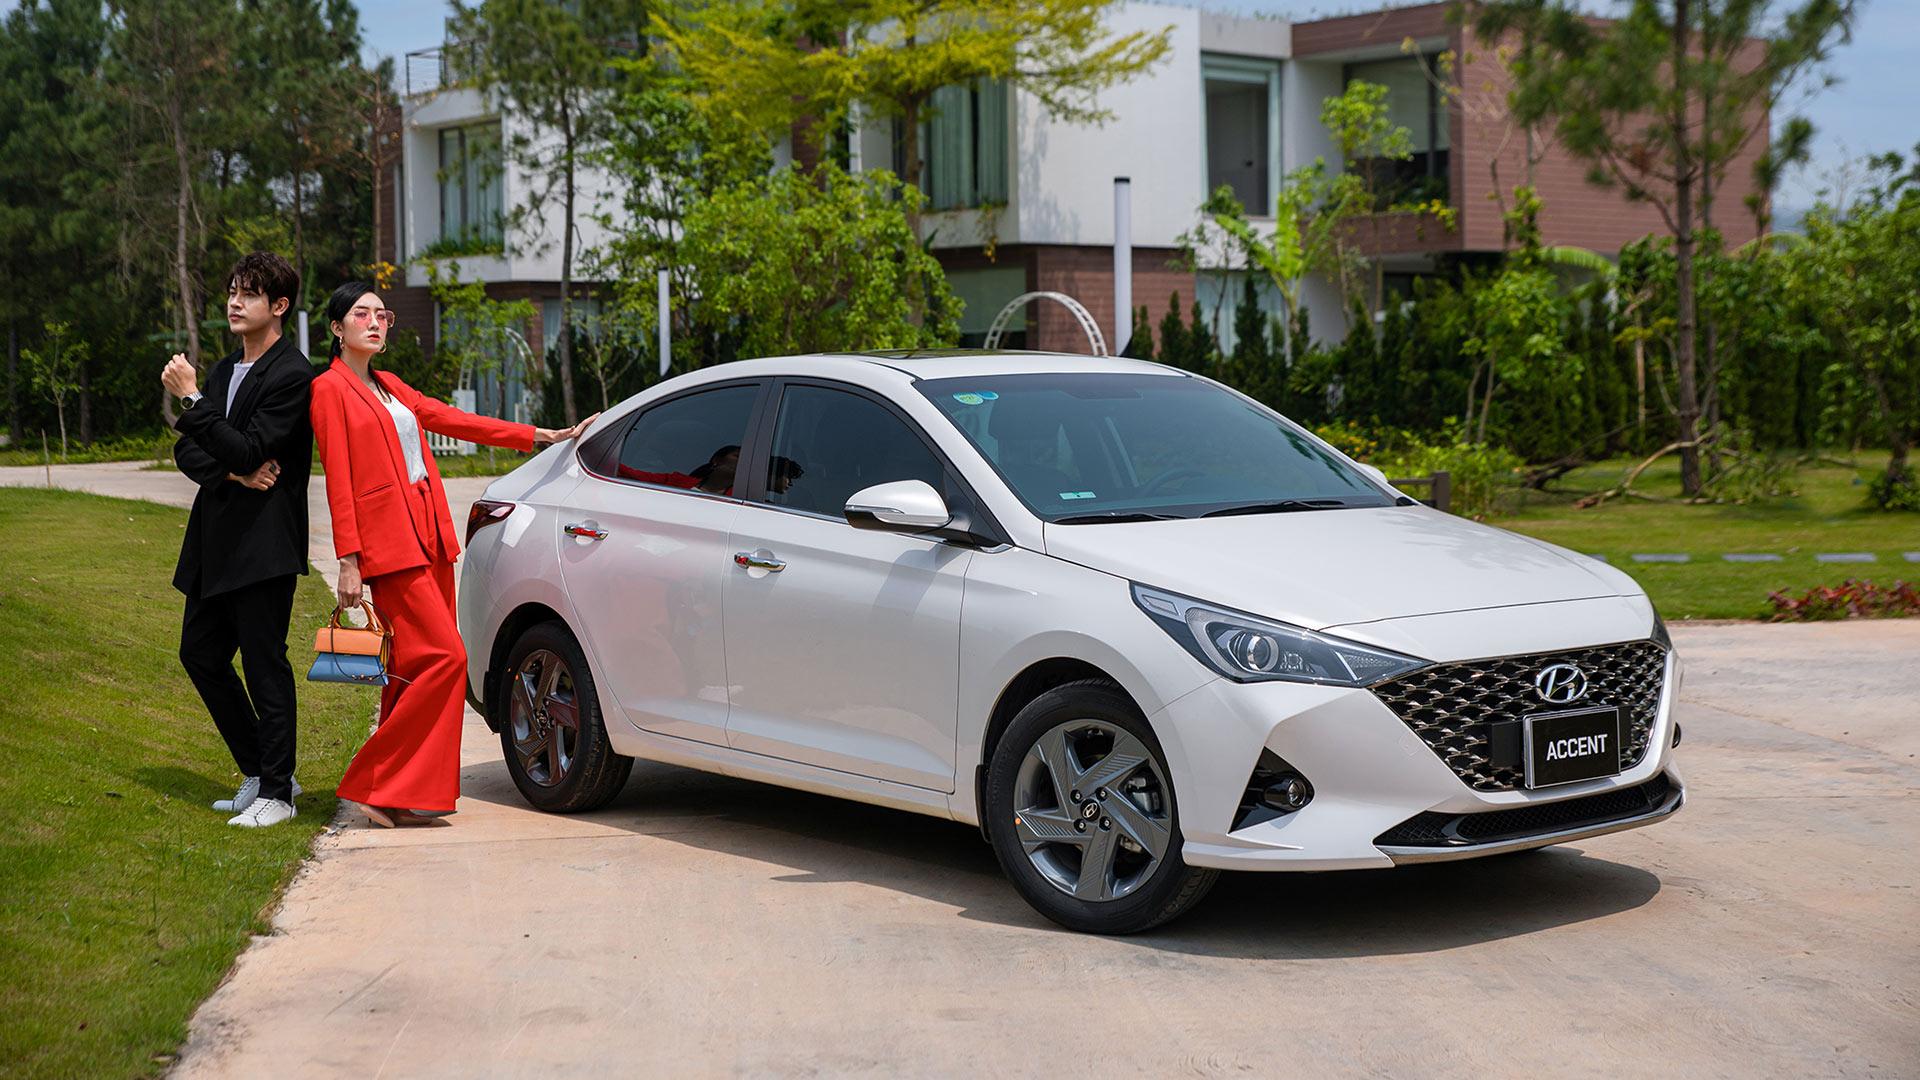 Tháng 4/2021: Hơn 6.500 xe Hyundai được bán ra, Accent tiếp tục thăng hoa